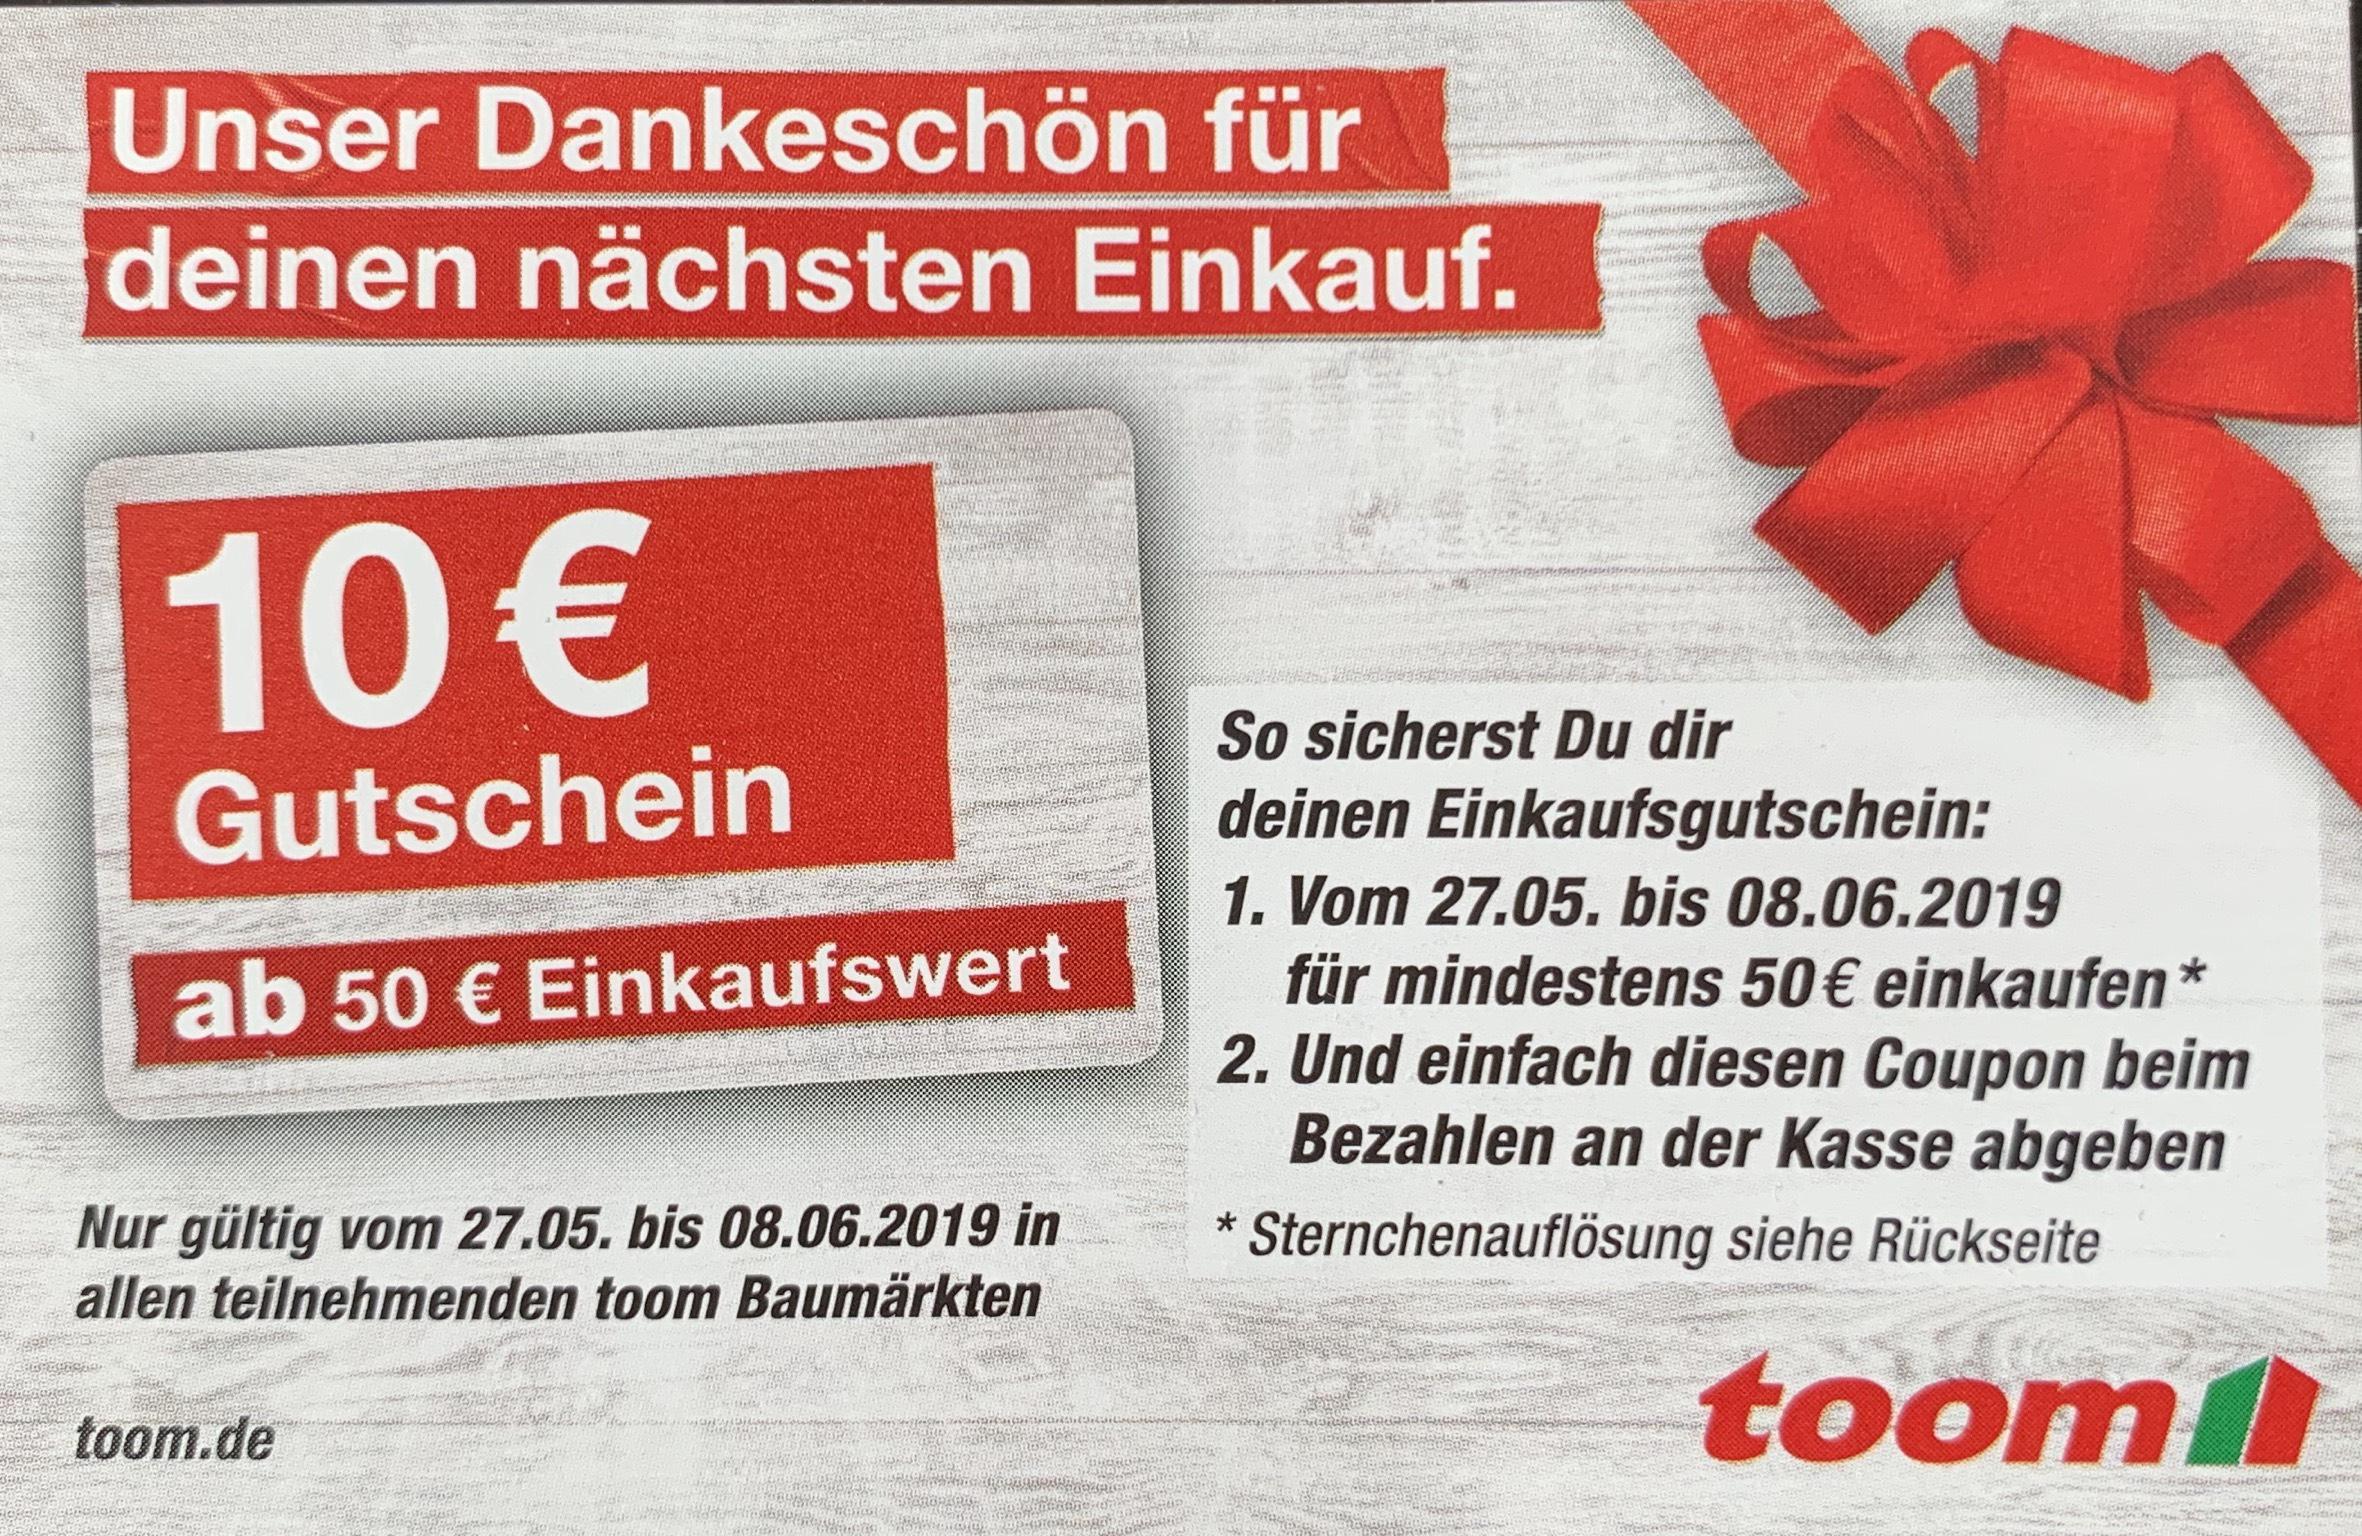 Toom 10€ Gutschein ab 50€ Einkaufswert